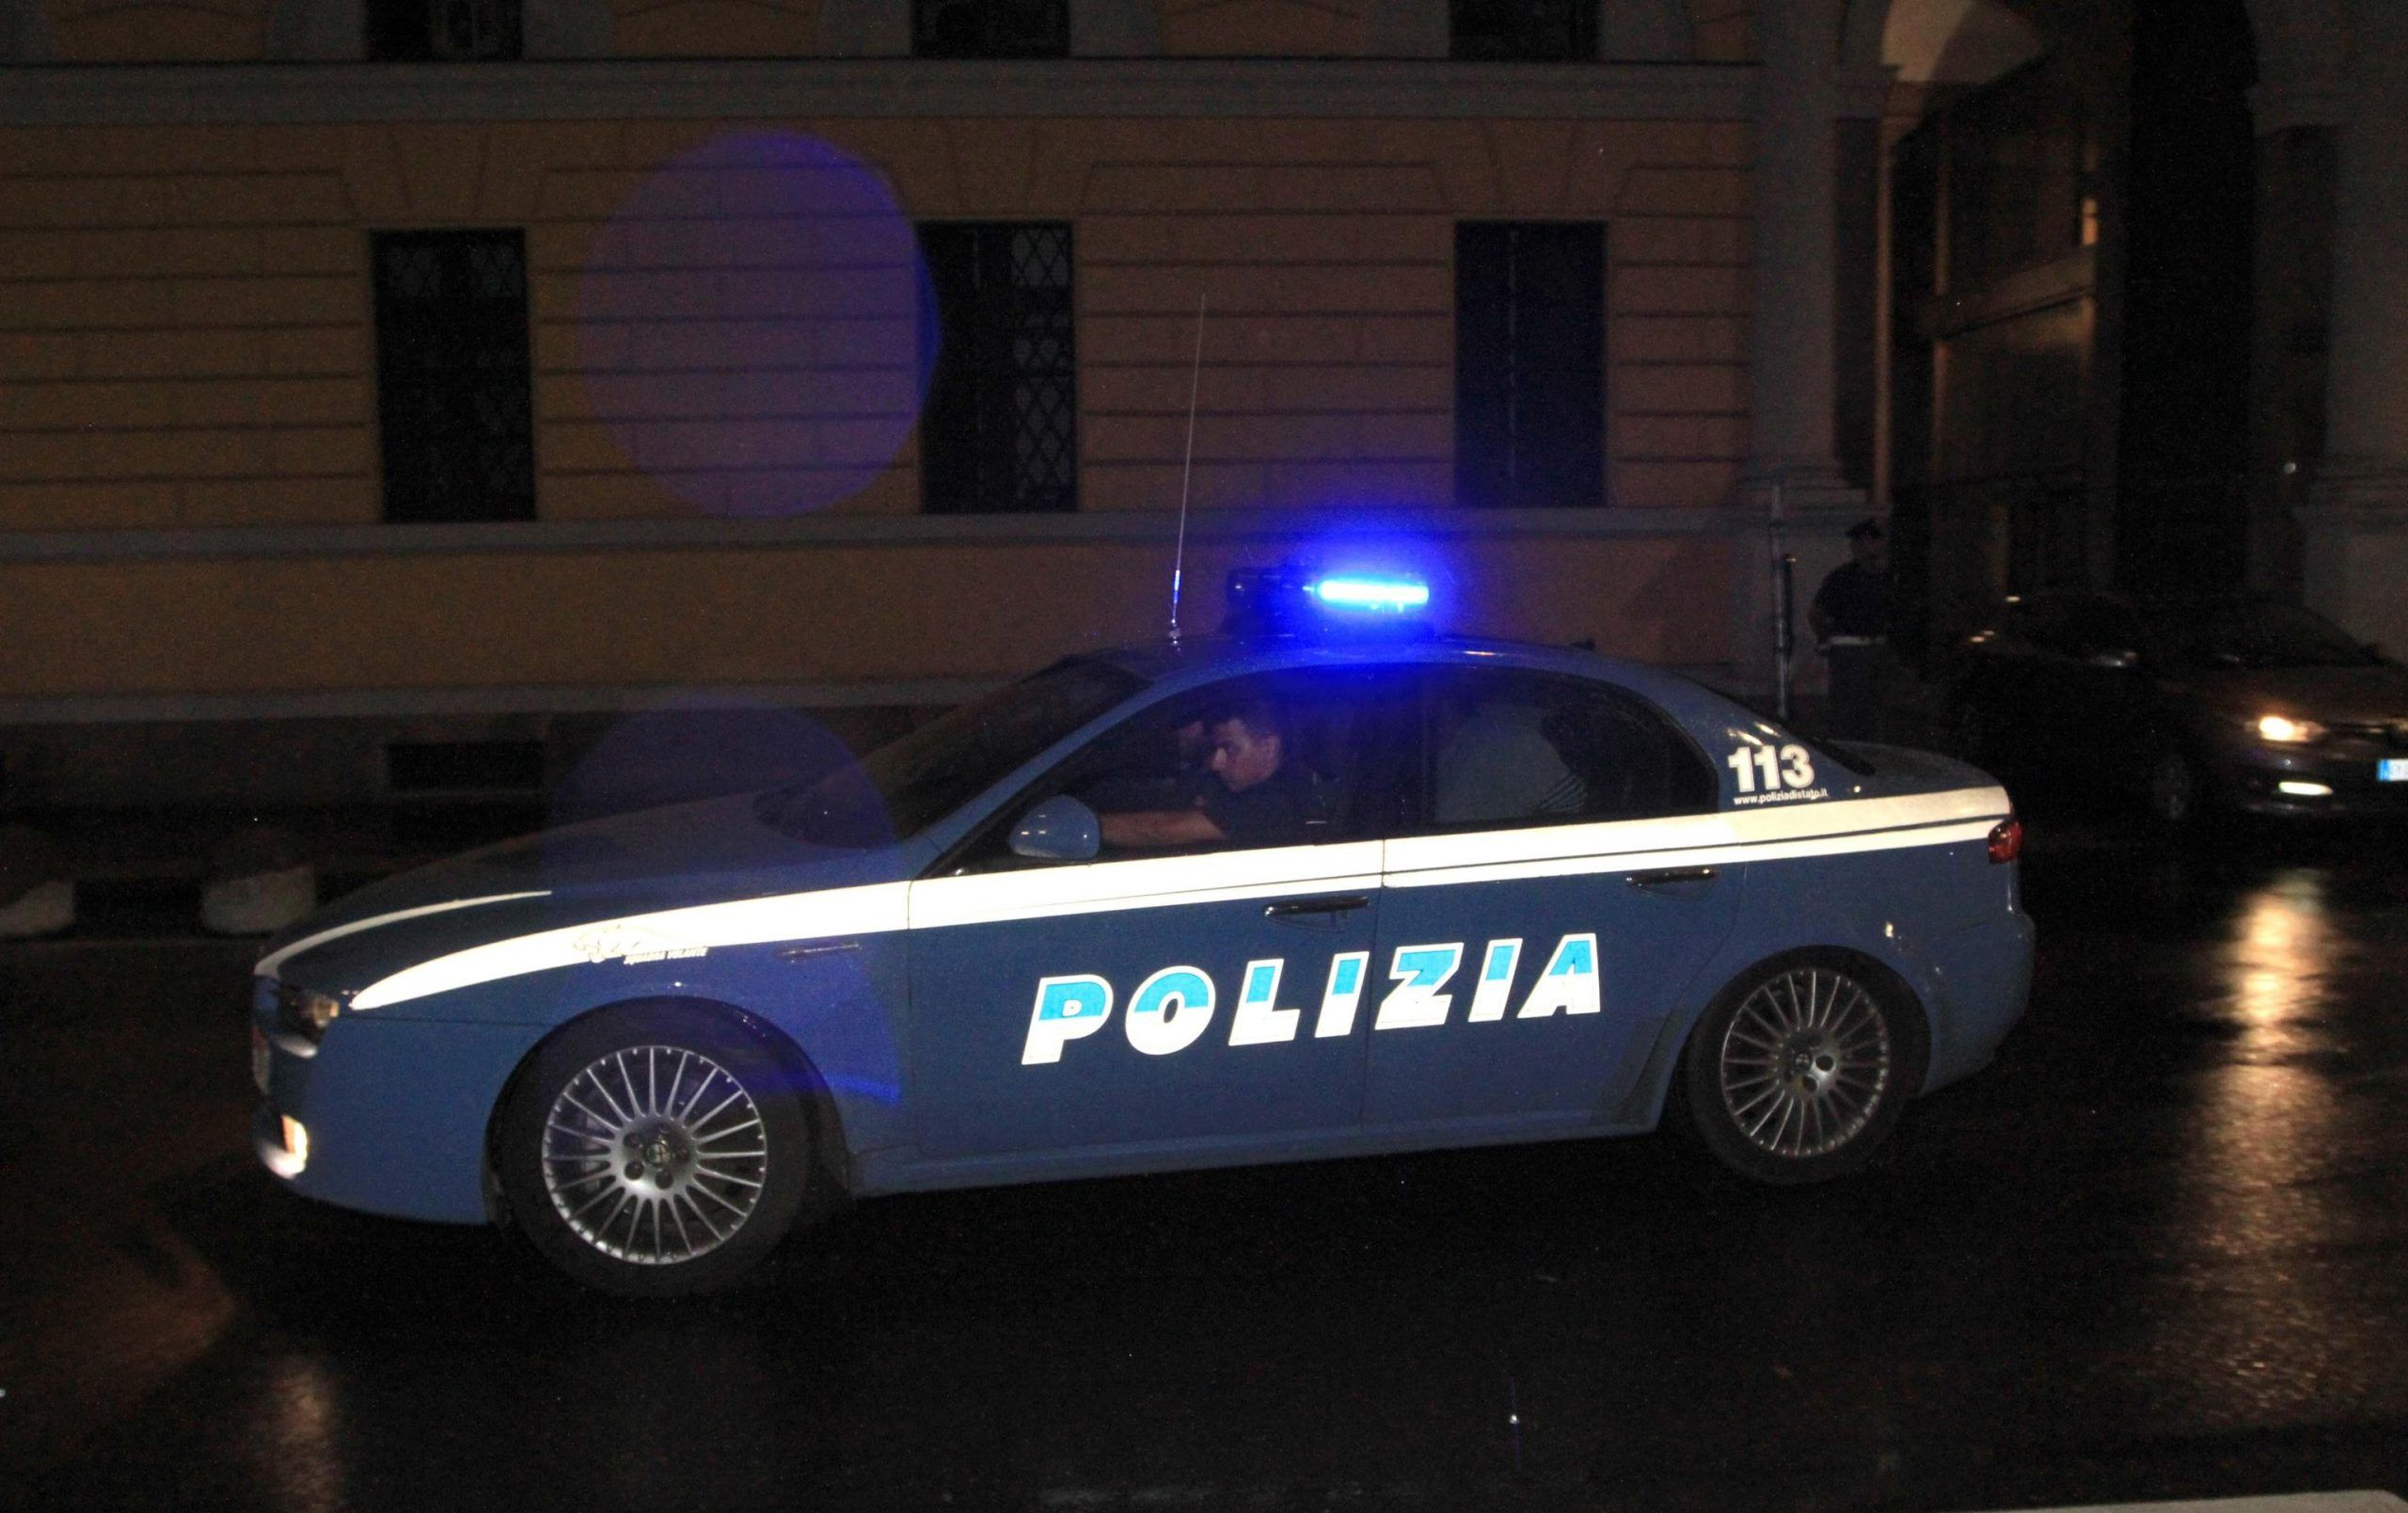 Polizia in auto